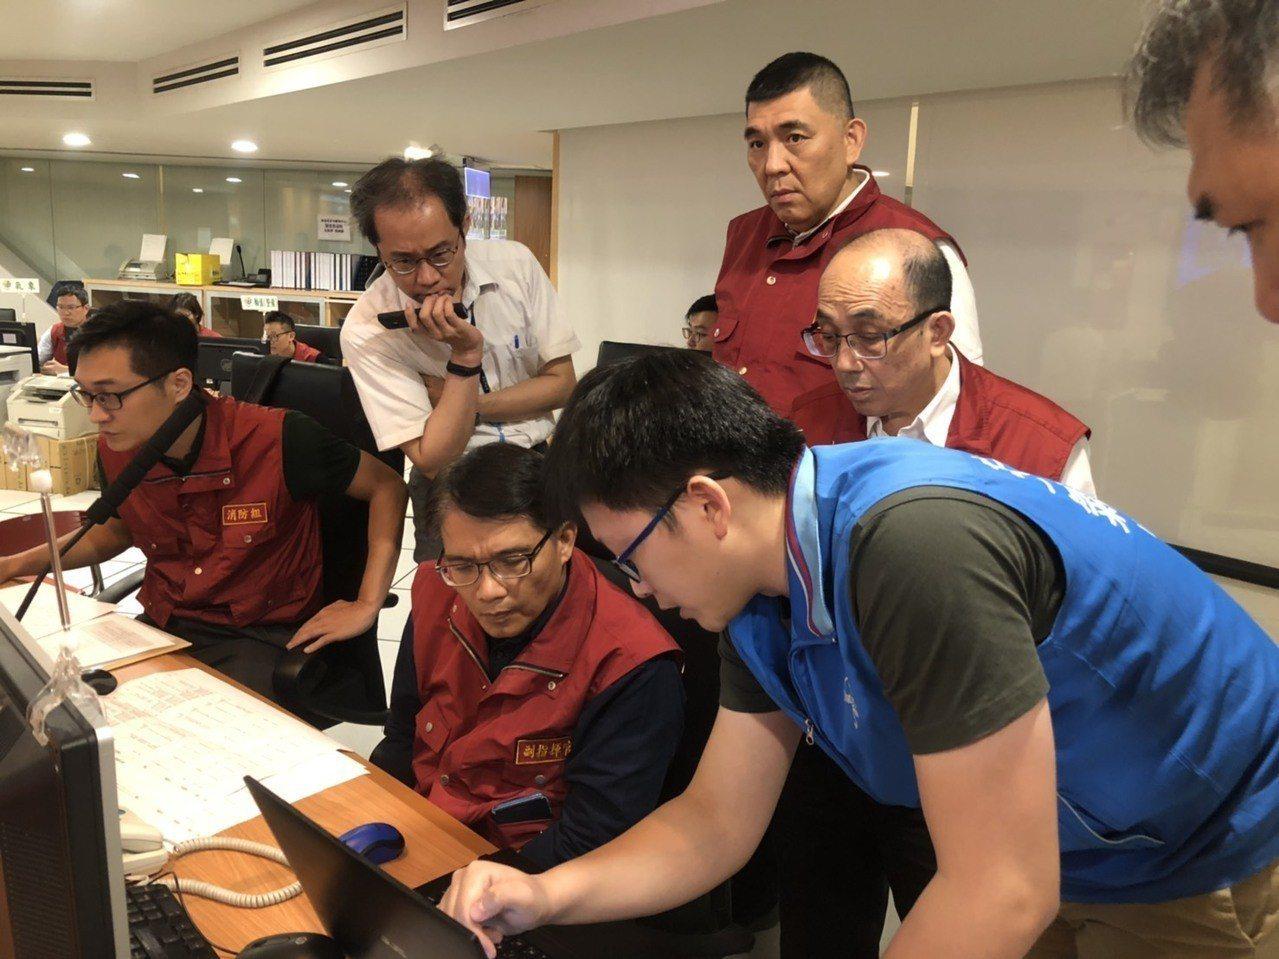 520豪大雨中央災害應變中心晚上9時撤除,回歸各部會應變機制。記者柯毓庭/翻攝